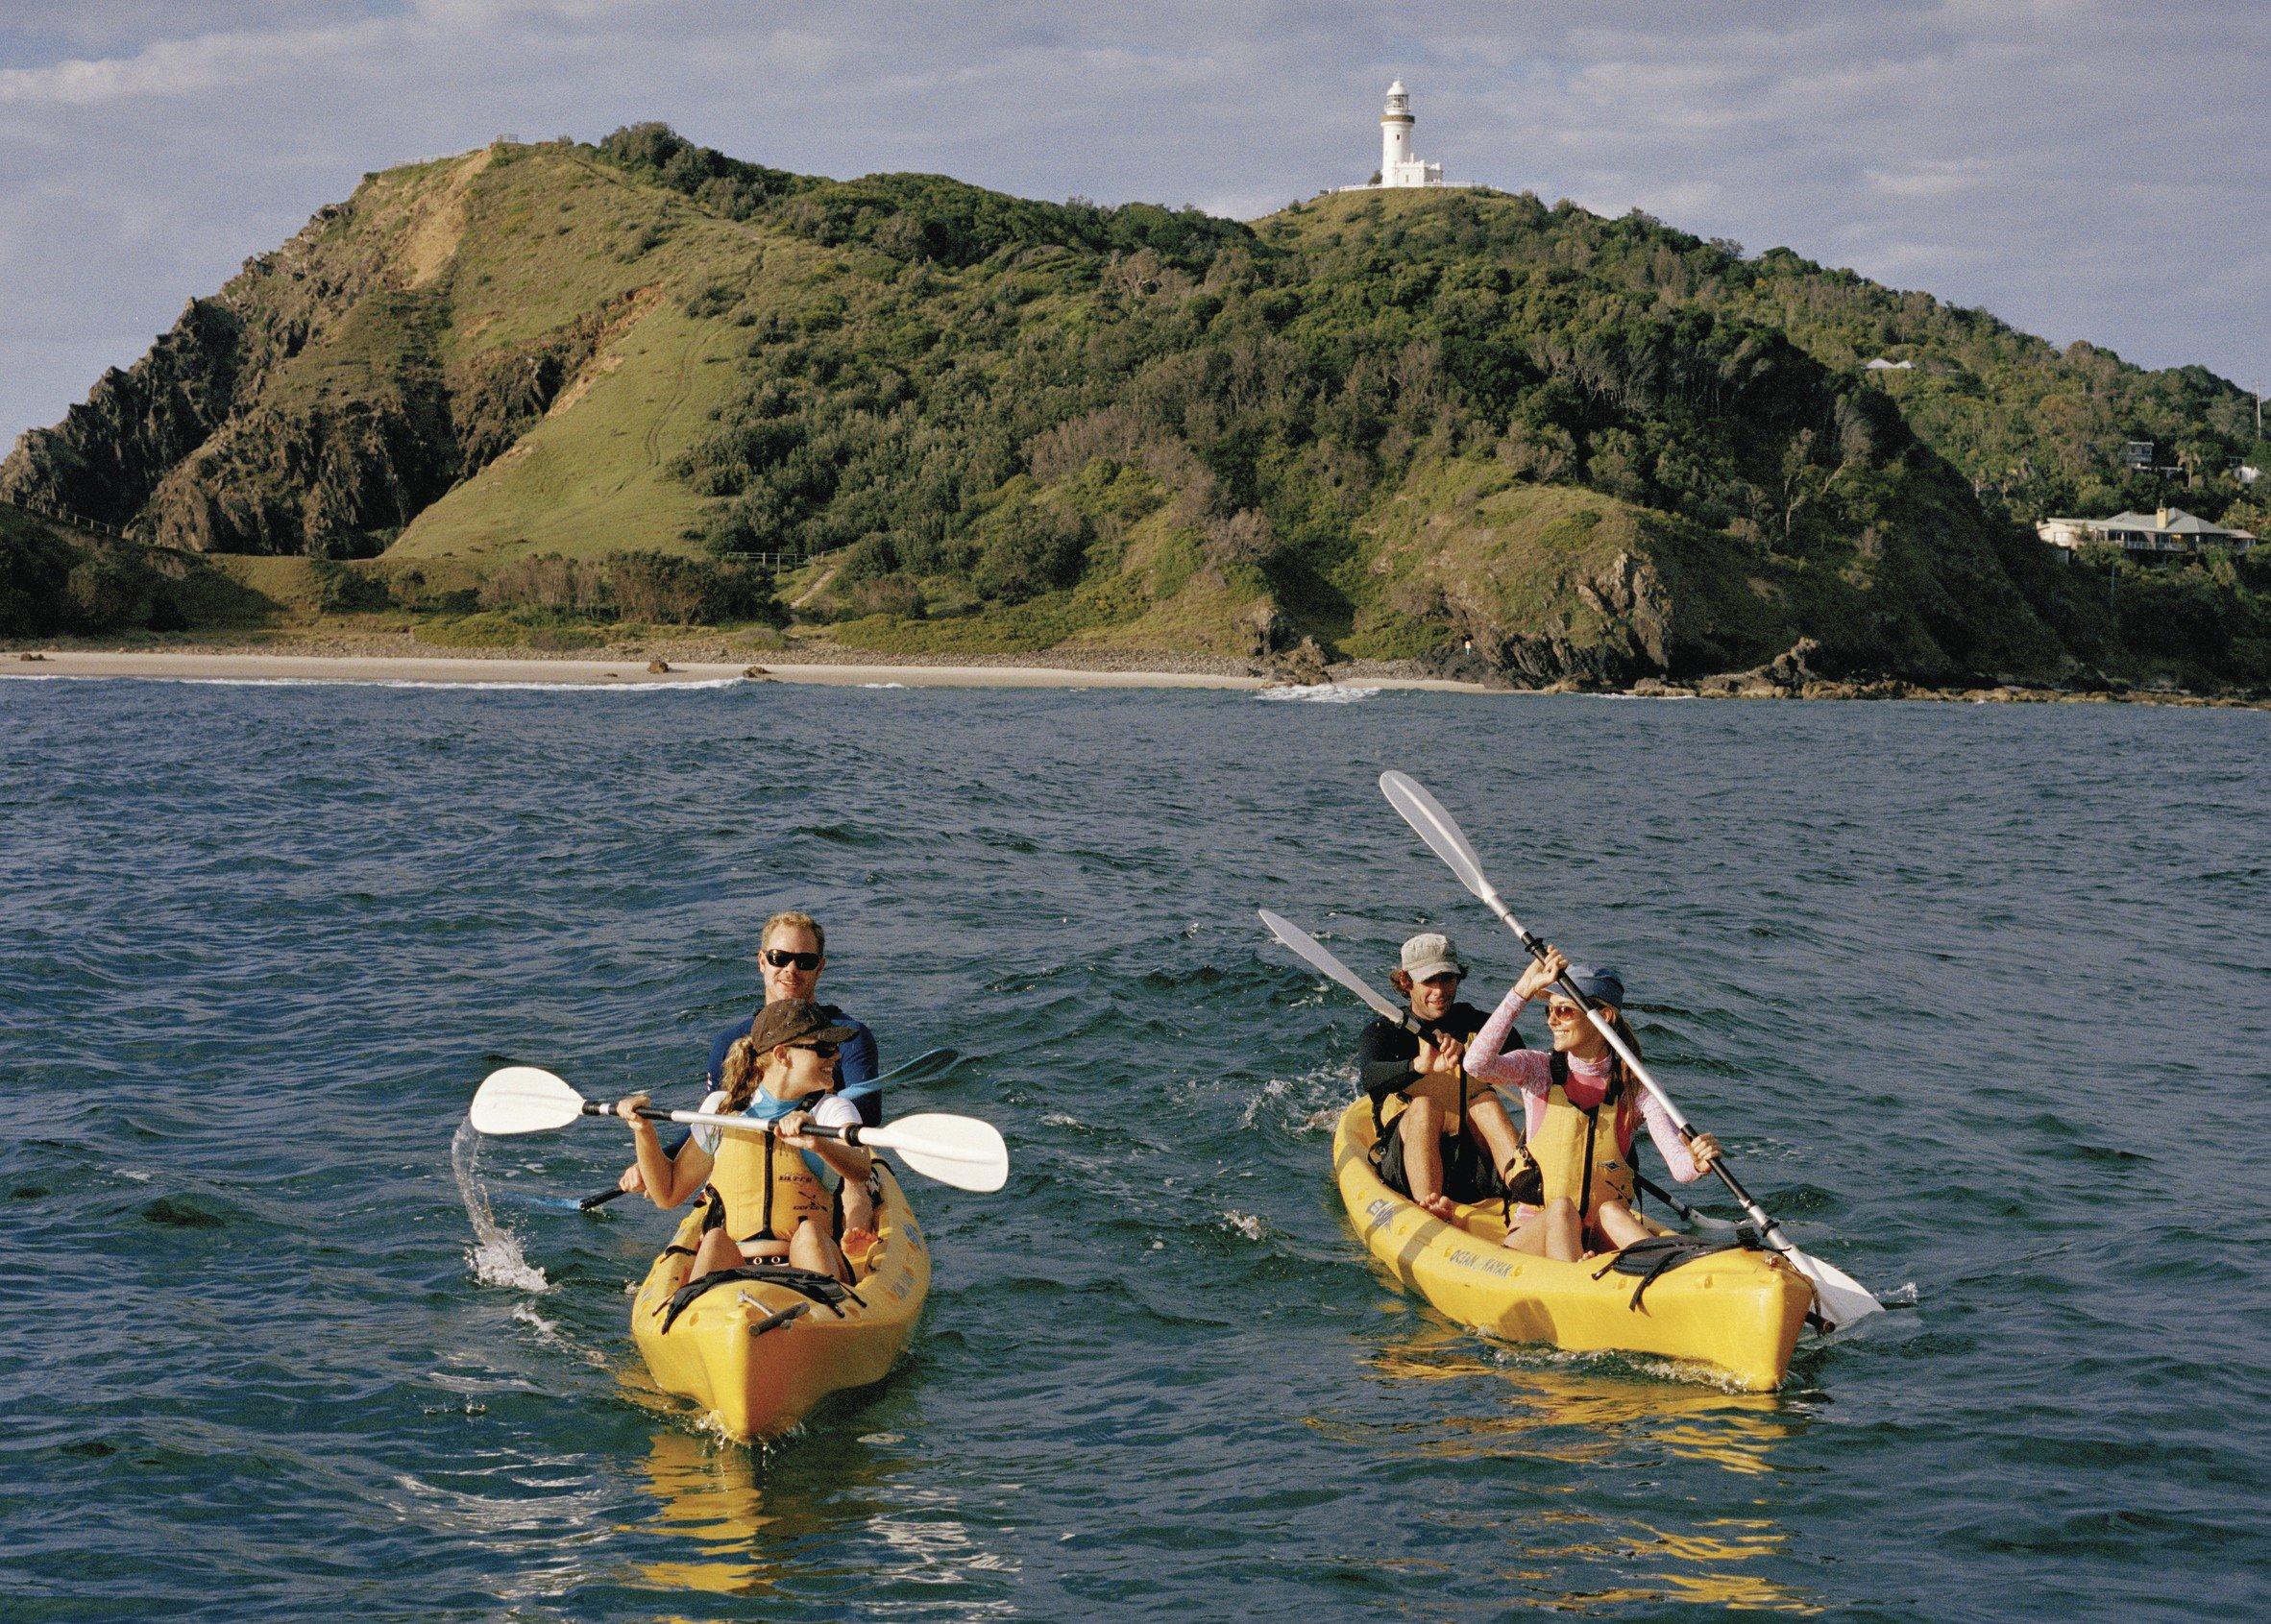 kajakken op zee byron bay australie